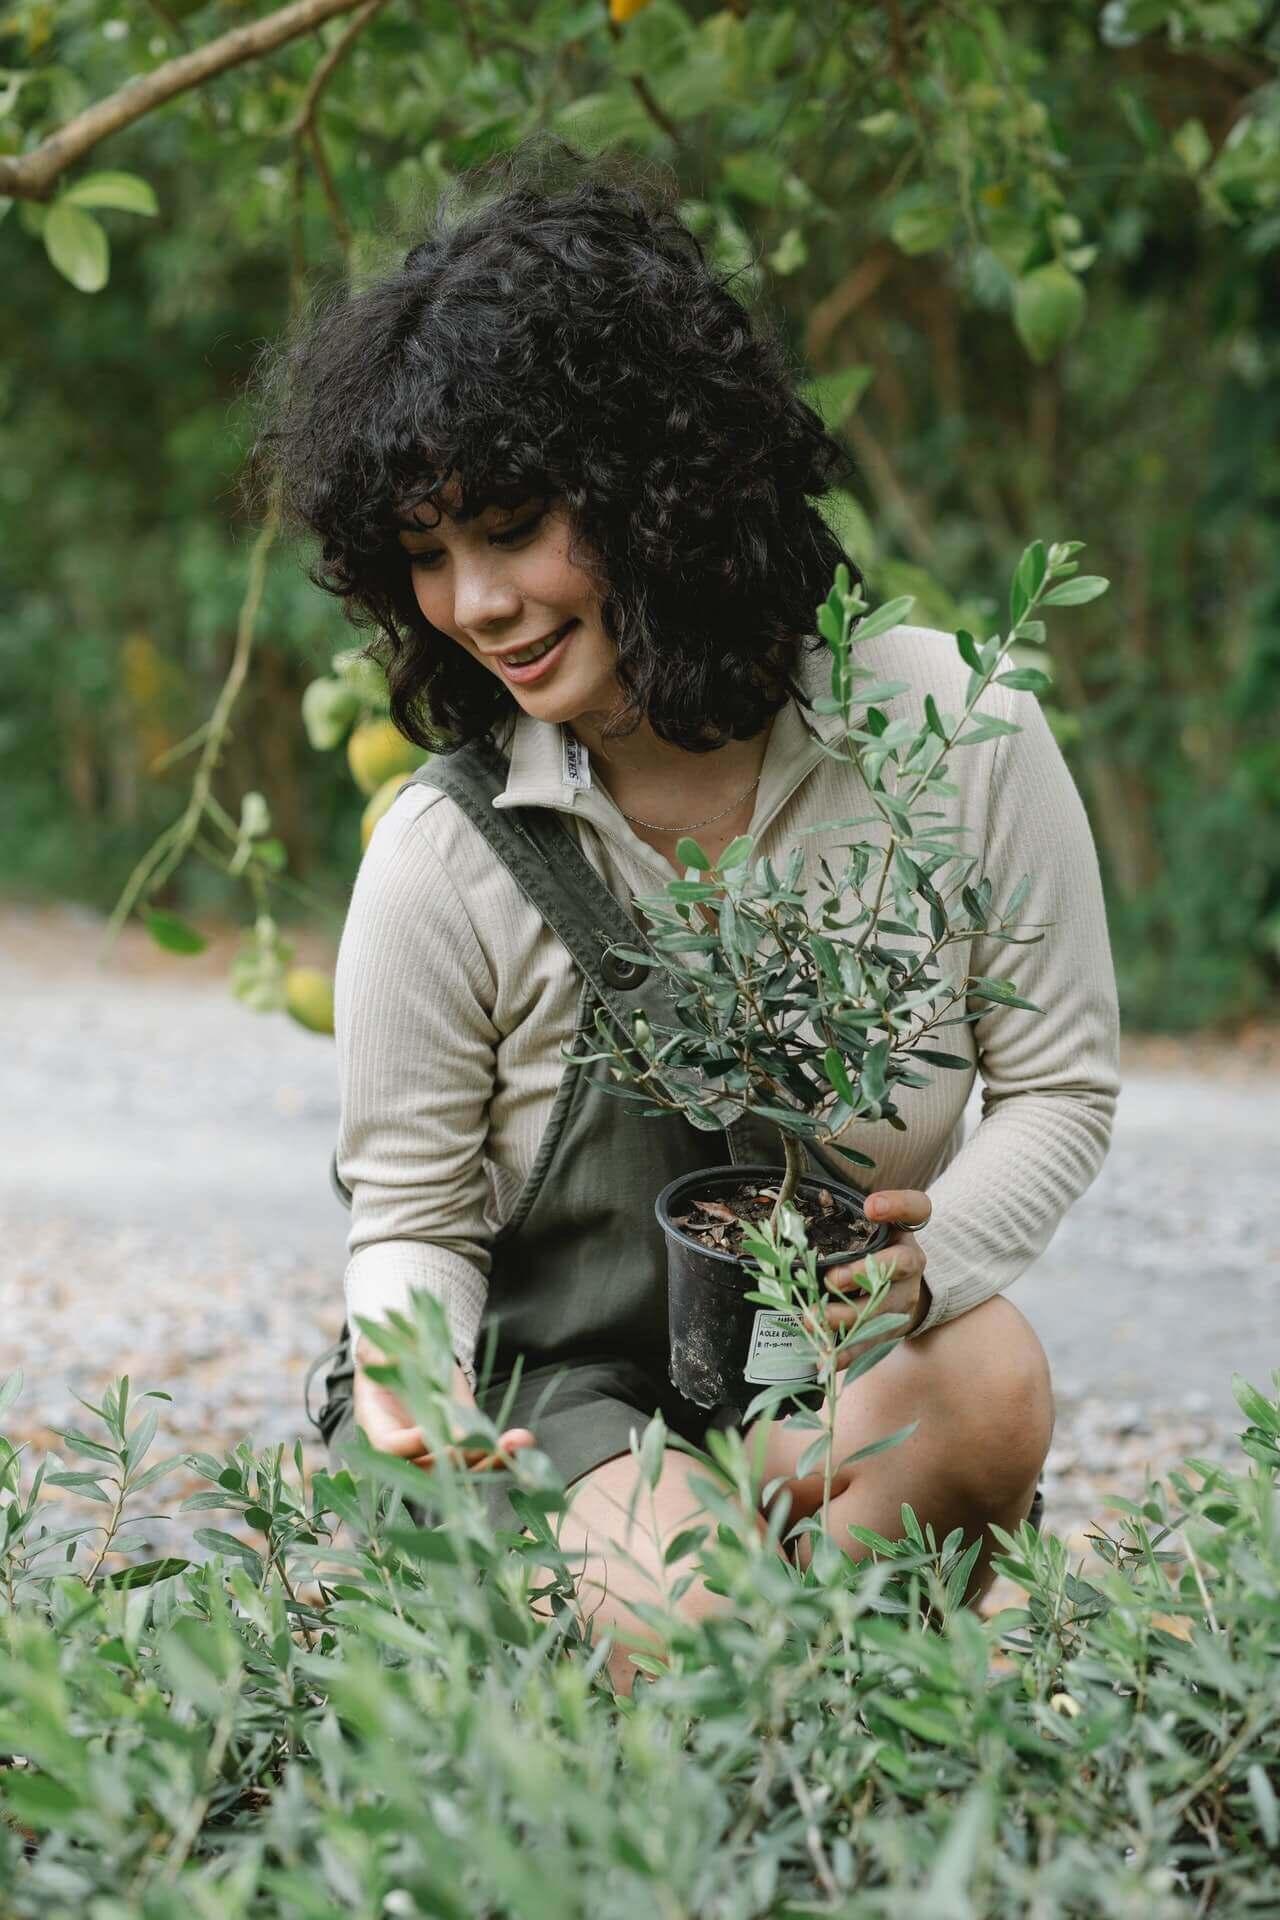 Επιλέξτε με προσοχή τα νέα σας δέντρα και τους καινούργιους σας θάμνους.